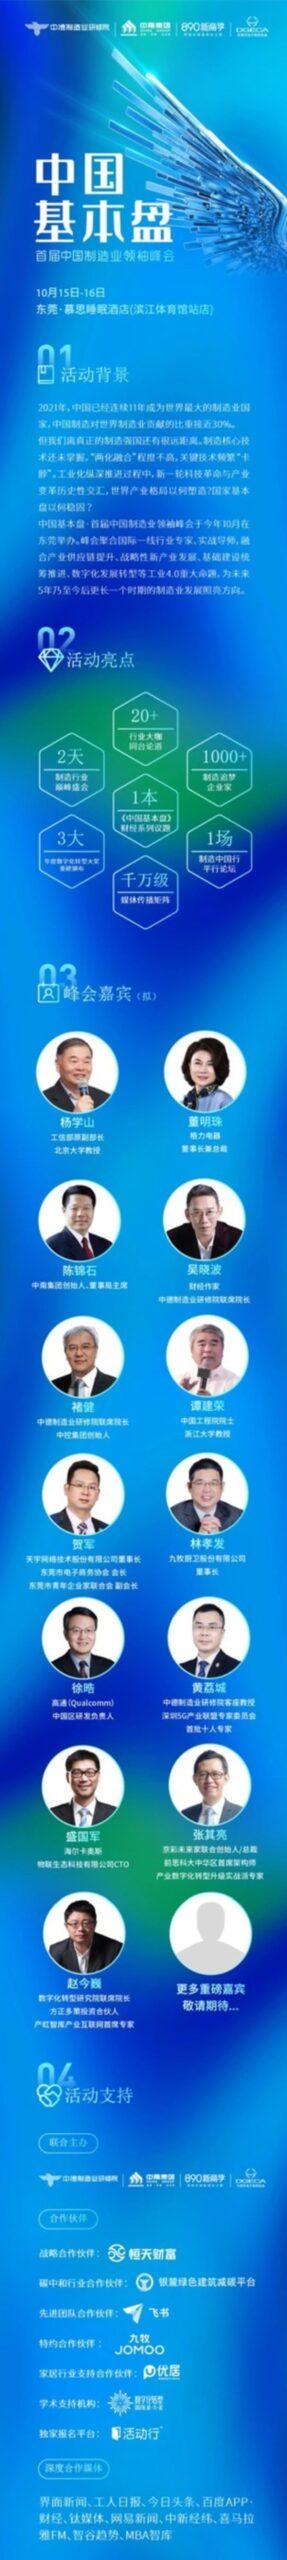 中国基本盘·首届中国制造业领袖峰会详情